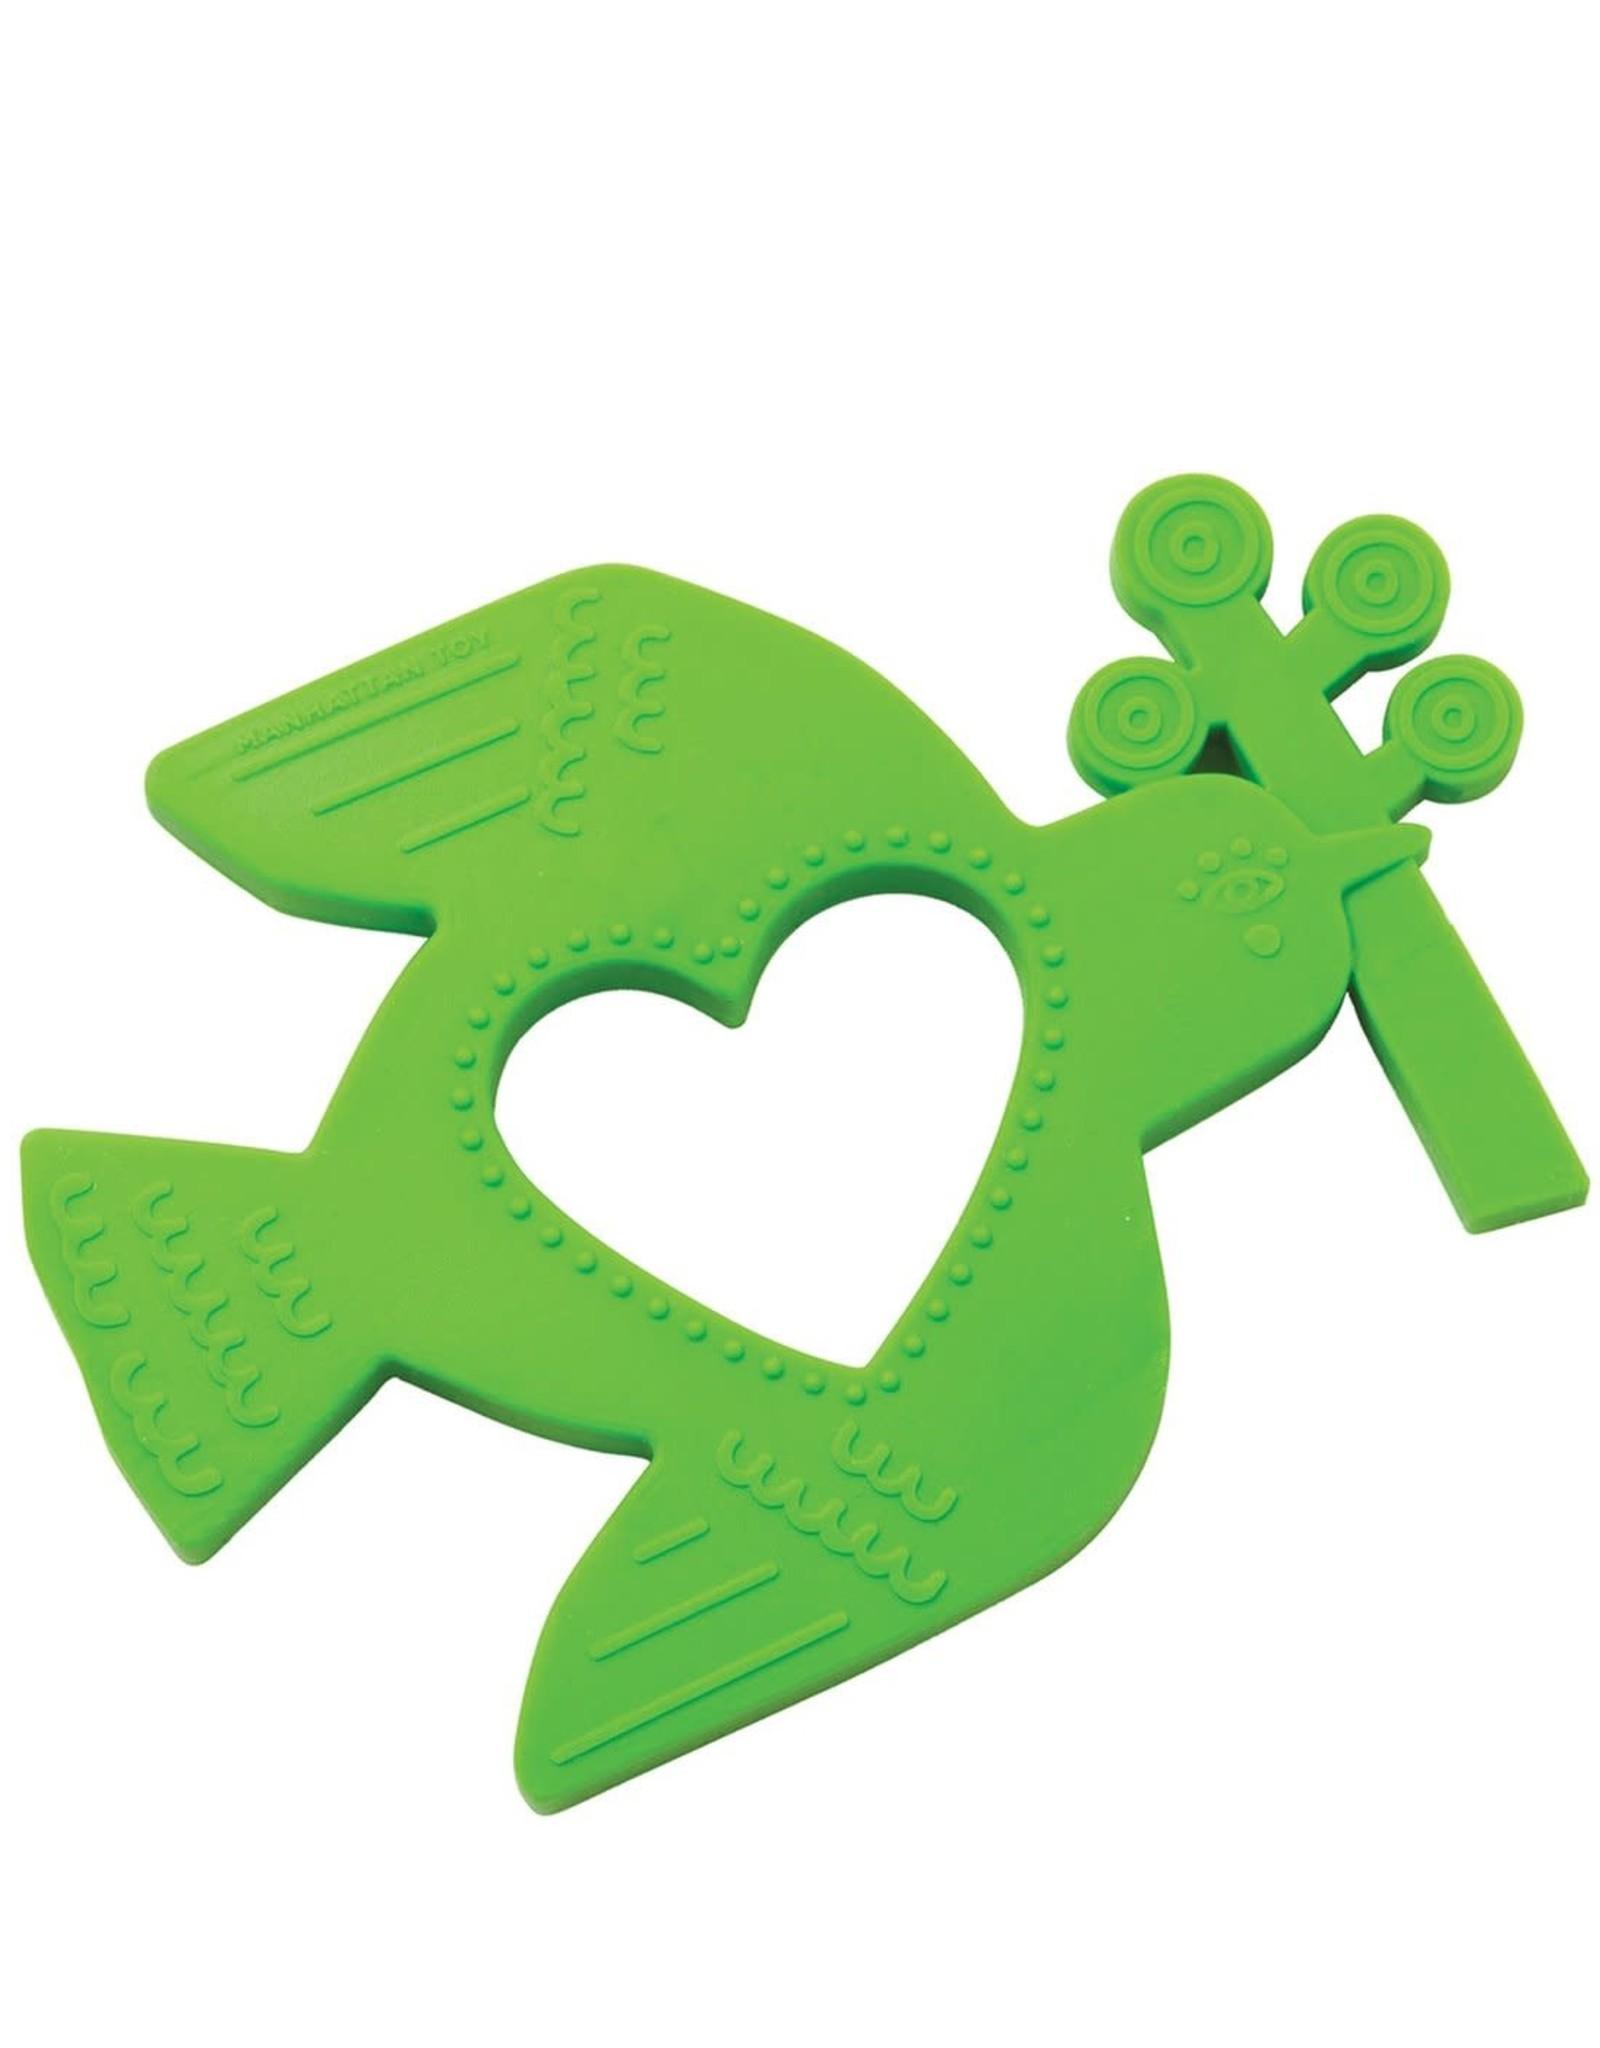 Manhattan Toy Bird Silicone Teether